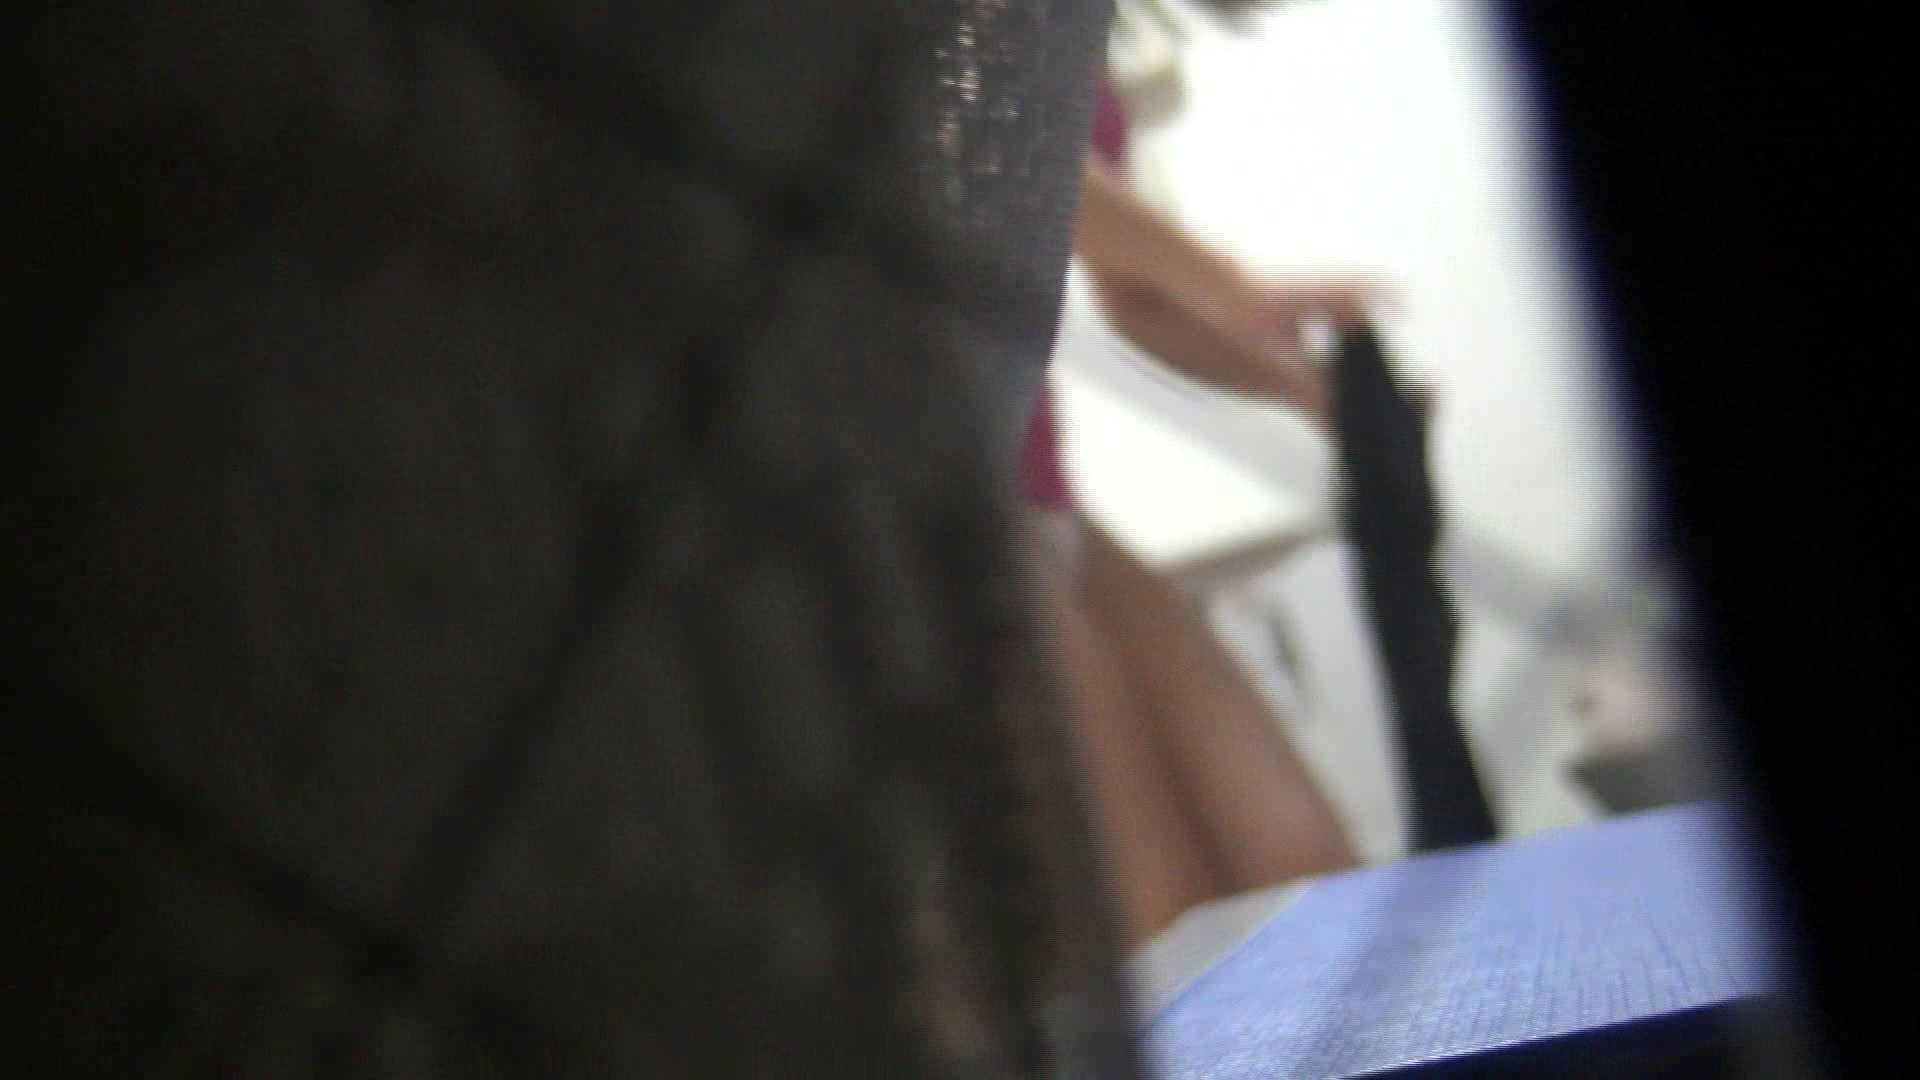 【05】仕事が忙しくて・・・久しぶりにベランダで待ち伏せ リアル・マンコ のぞき動画画像 85pic 3